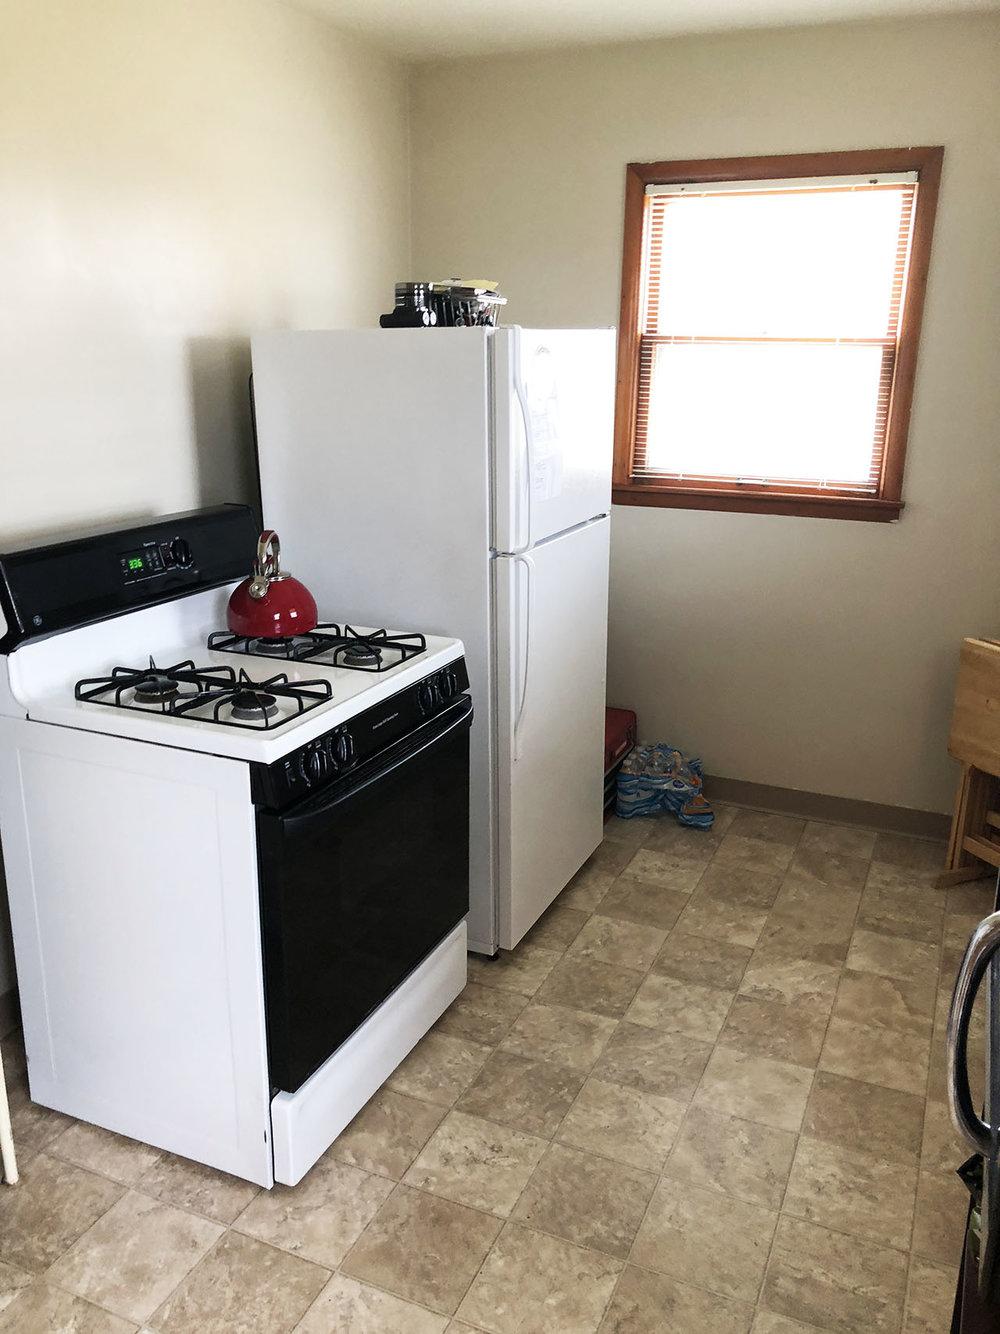 723_kitchen_1.jpg